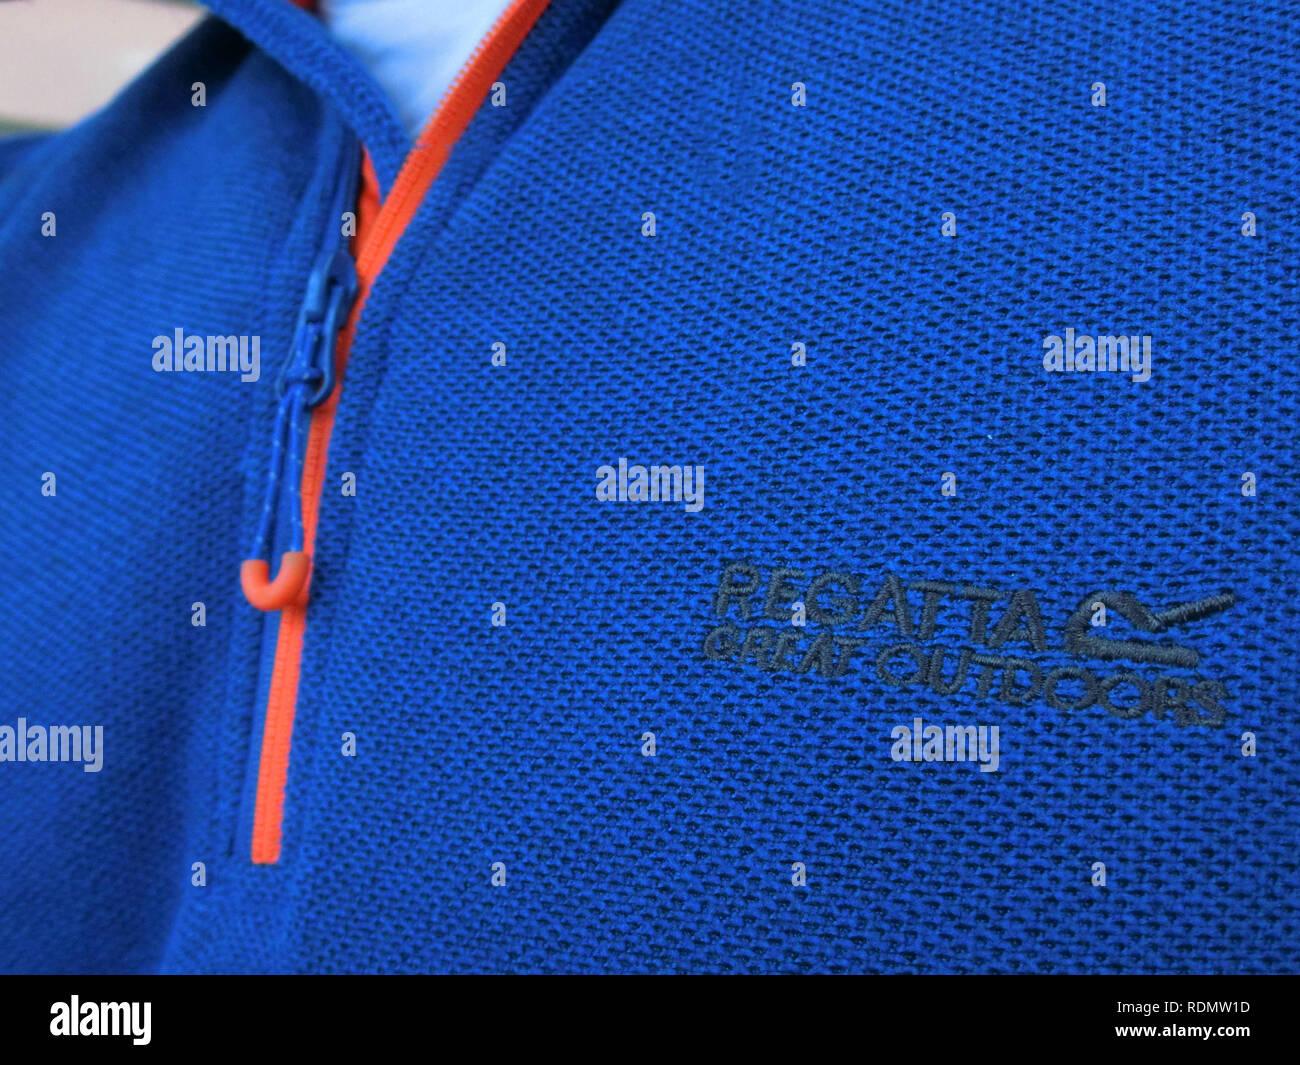 Regata di grande aria di uomini felpa blu abbigliamento, REGNO UNITO Immagini Stock